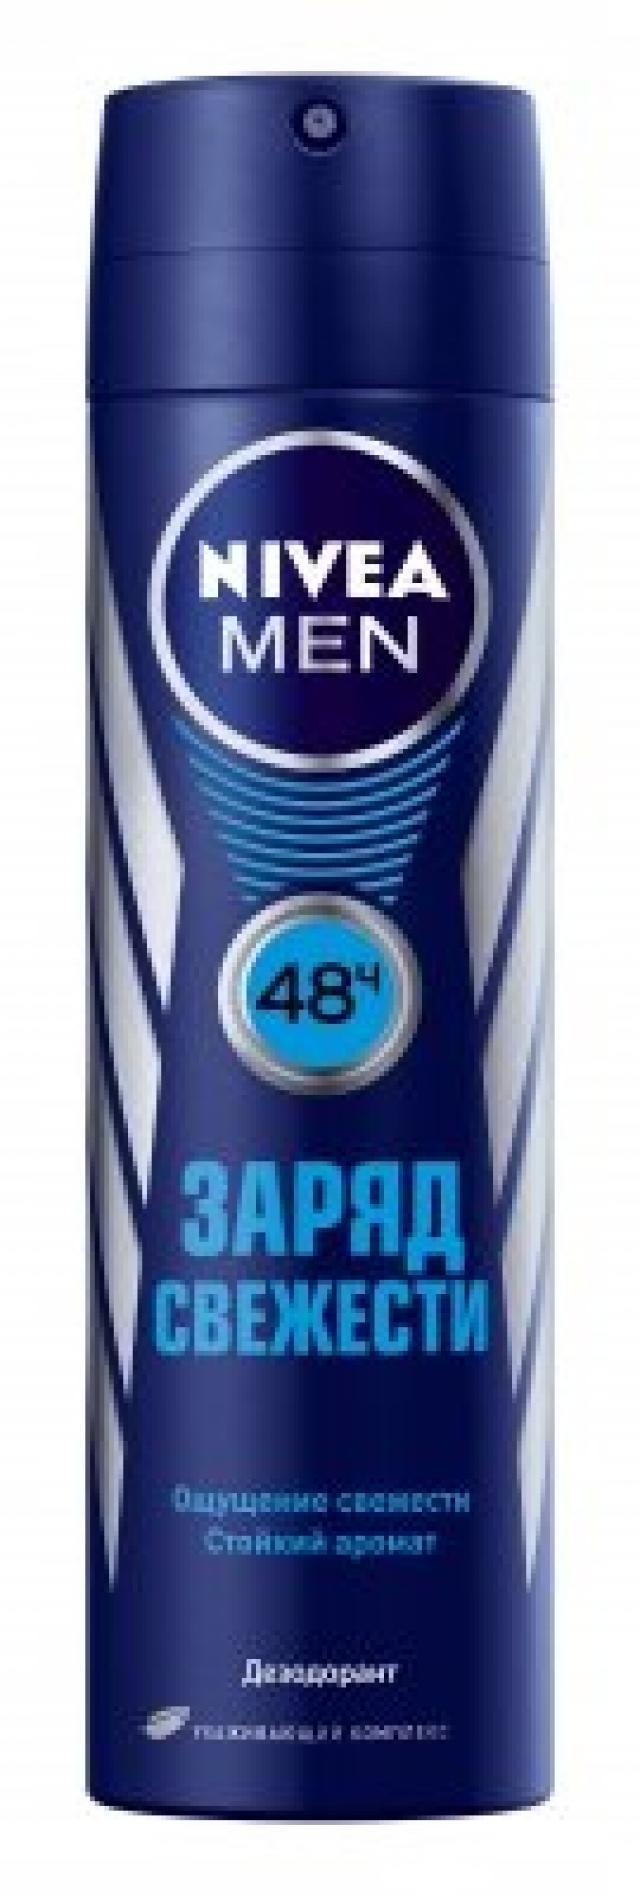 Нивея Мен дезодорант-спрей Заряд свежести 150мл 81600 купить в Москве по цене от 0 рублей